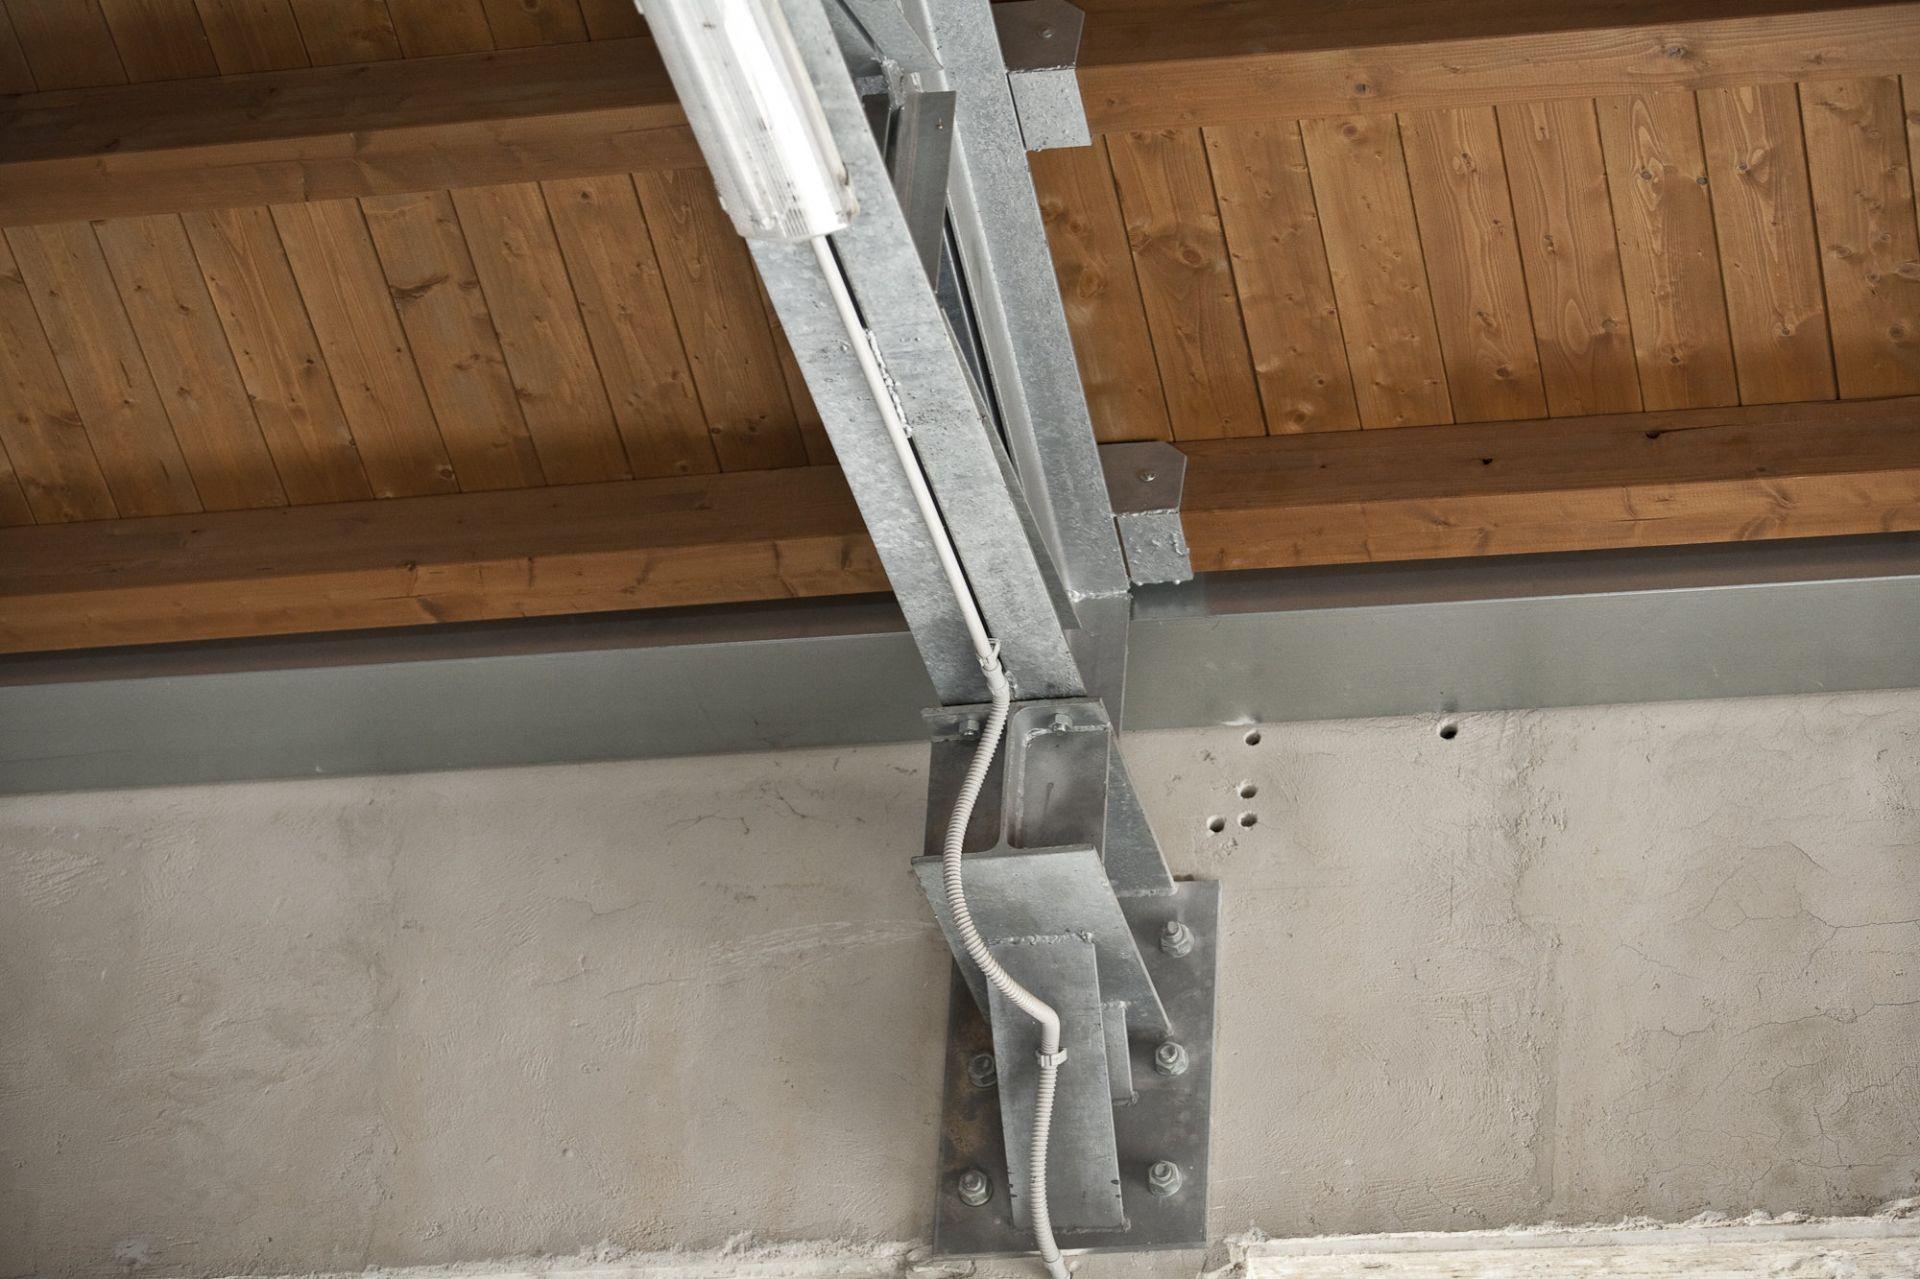 copertura in legno con capriate in acciao zincato per